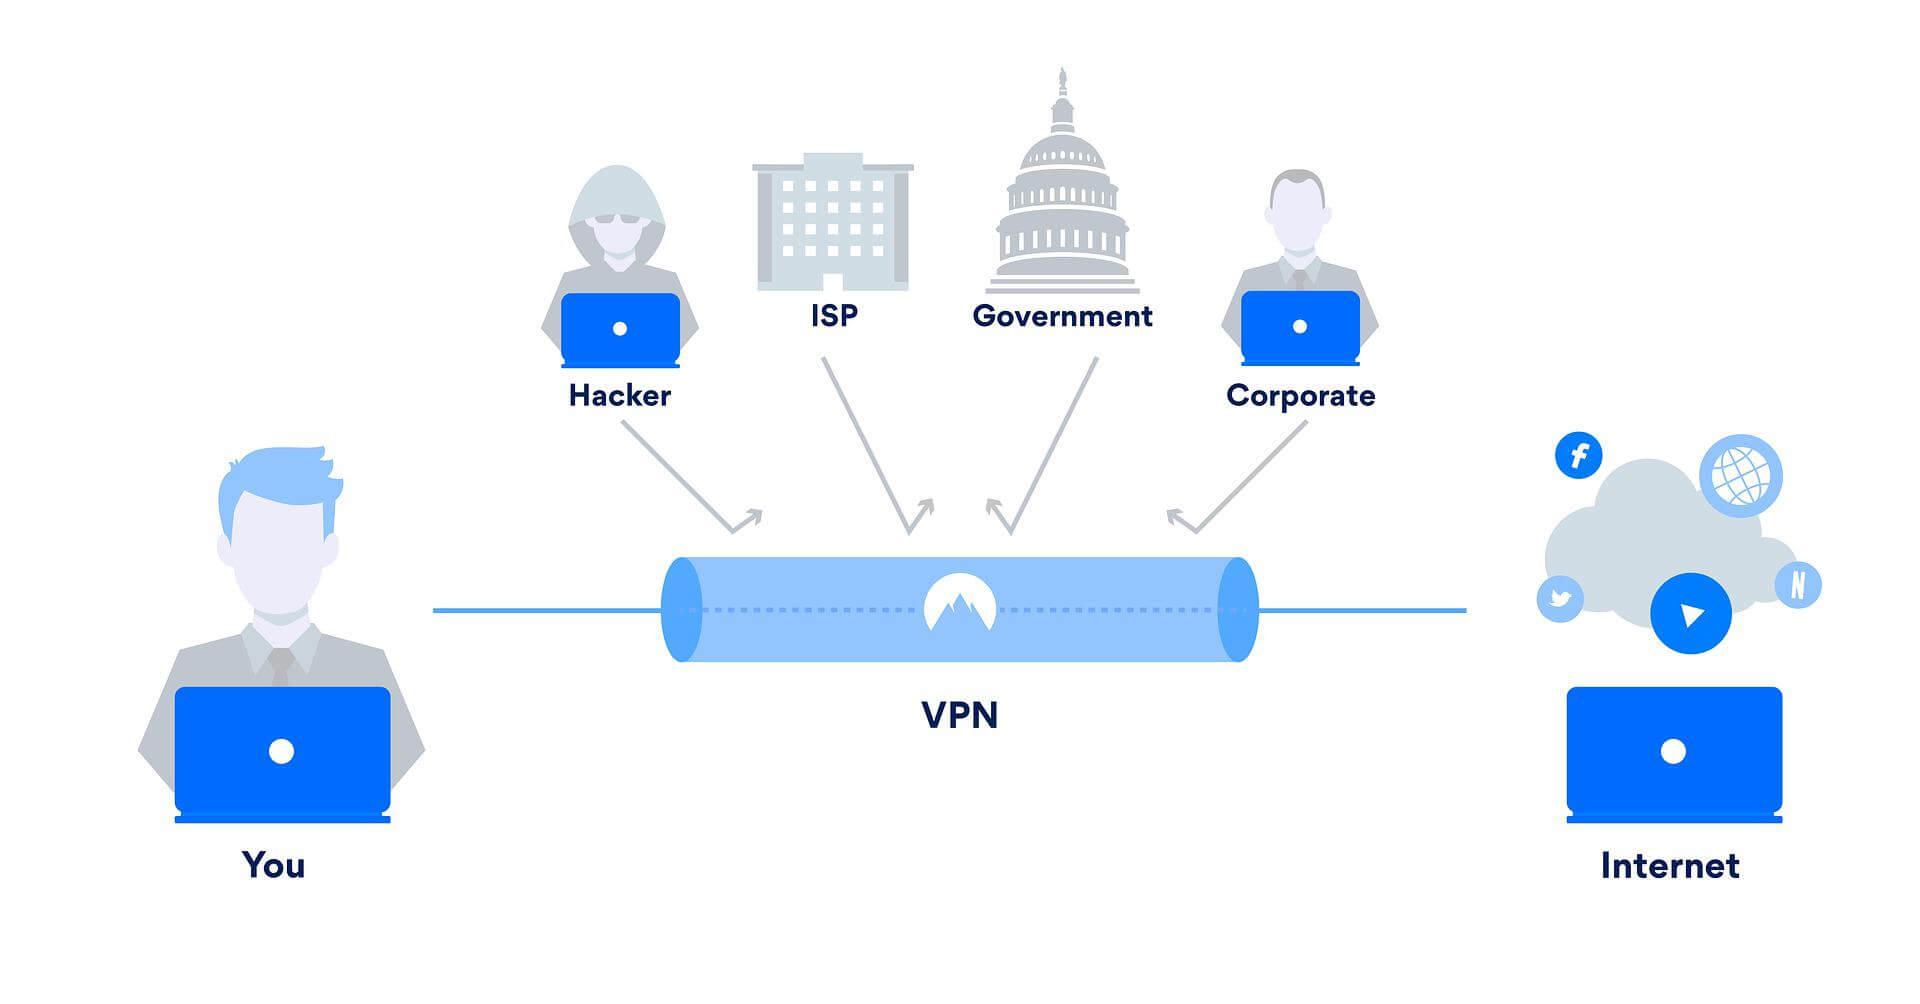 zastosowania VPN